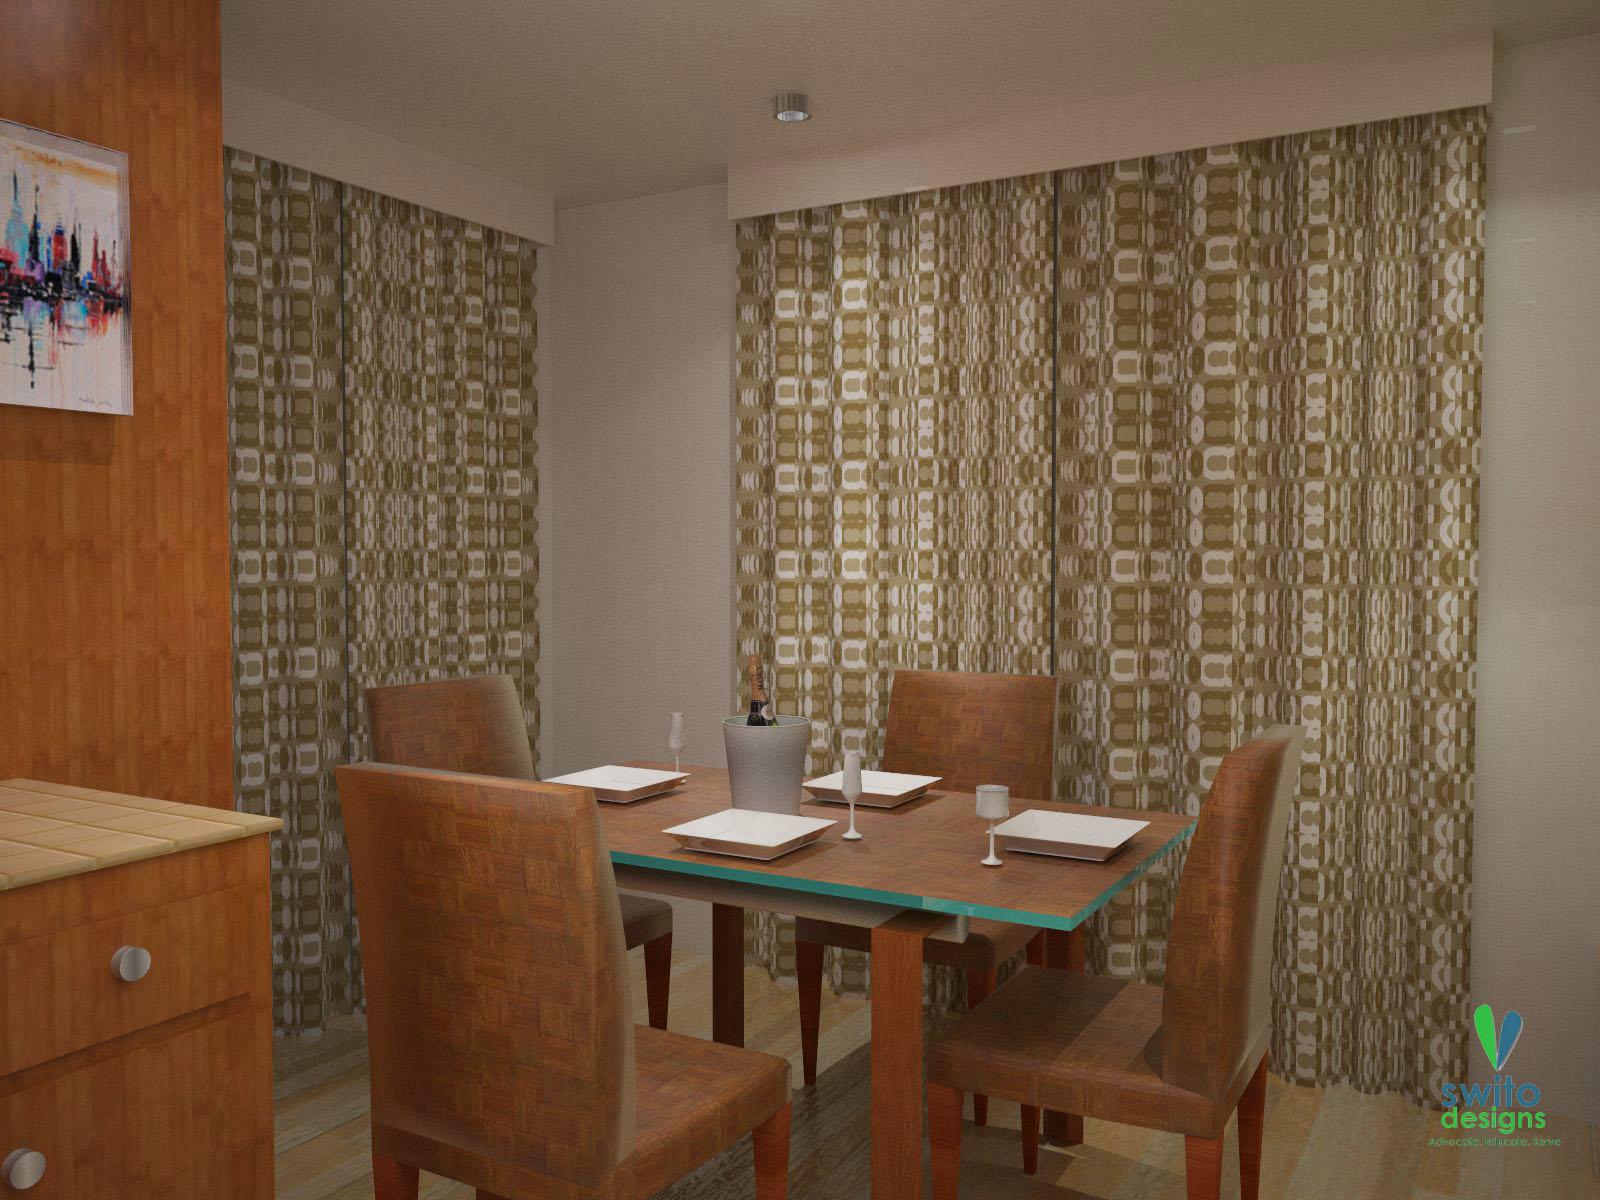 Houses Swito Designs Inc Architecture And Interior Design Company